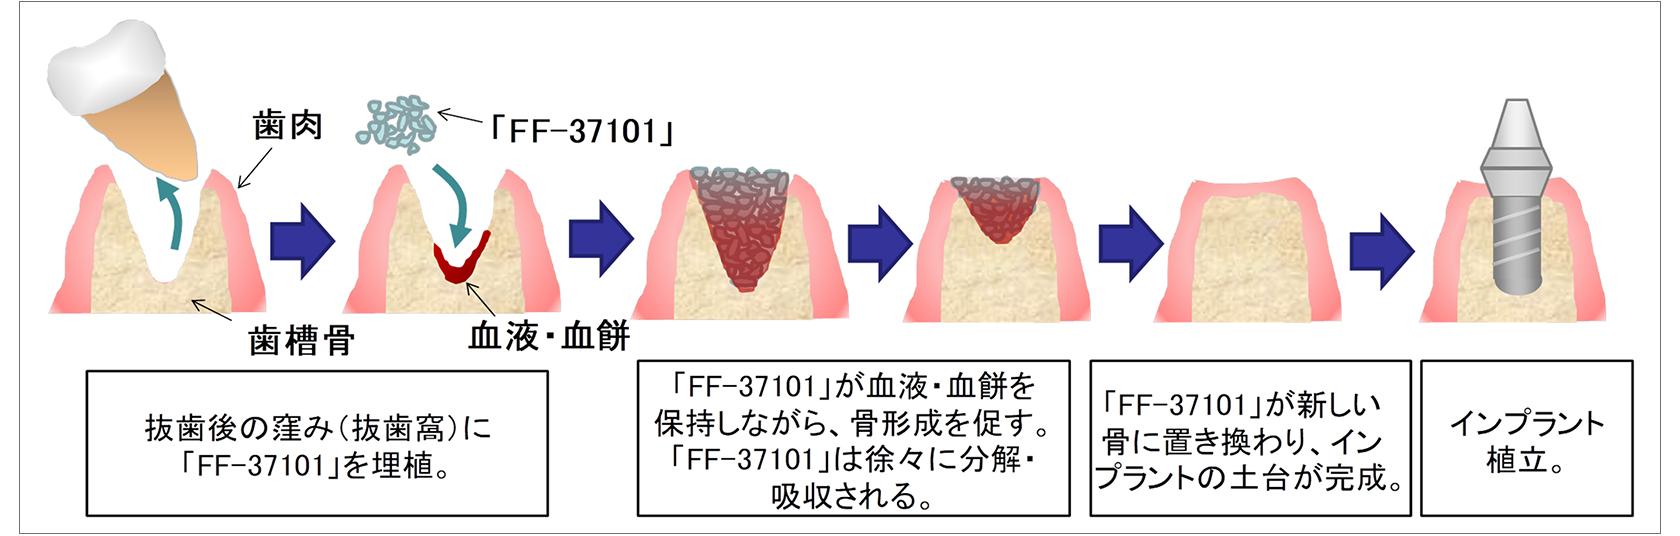 [図]「FF-37101」を用いた骨形成メカニズム(歯科インプラント治療の場合)